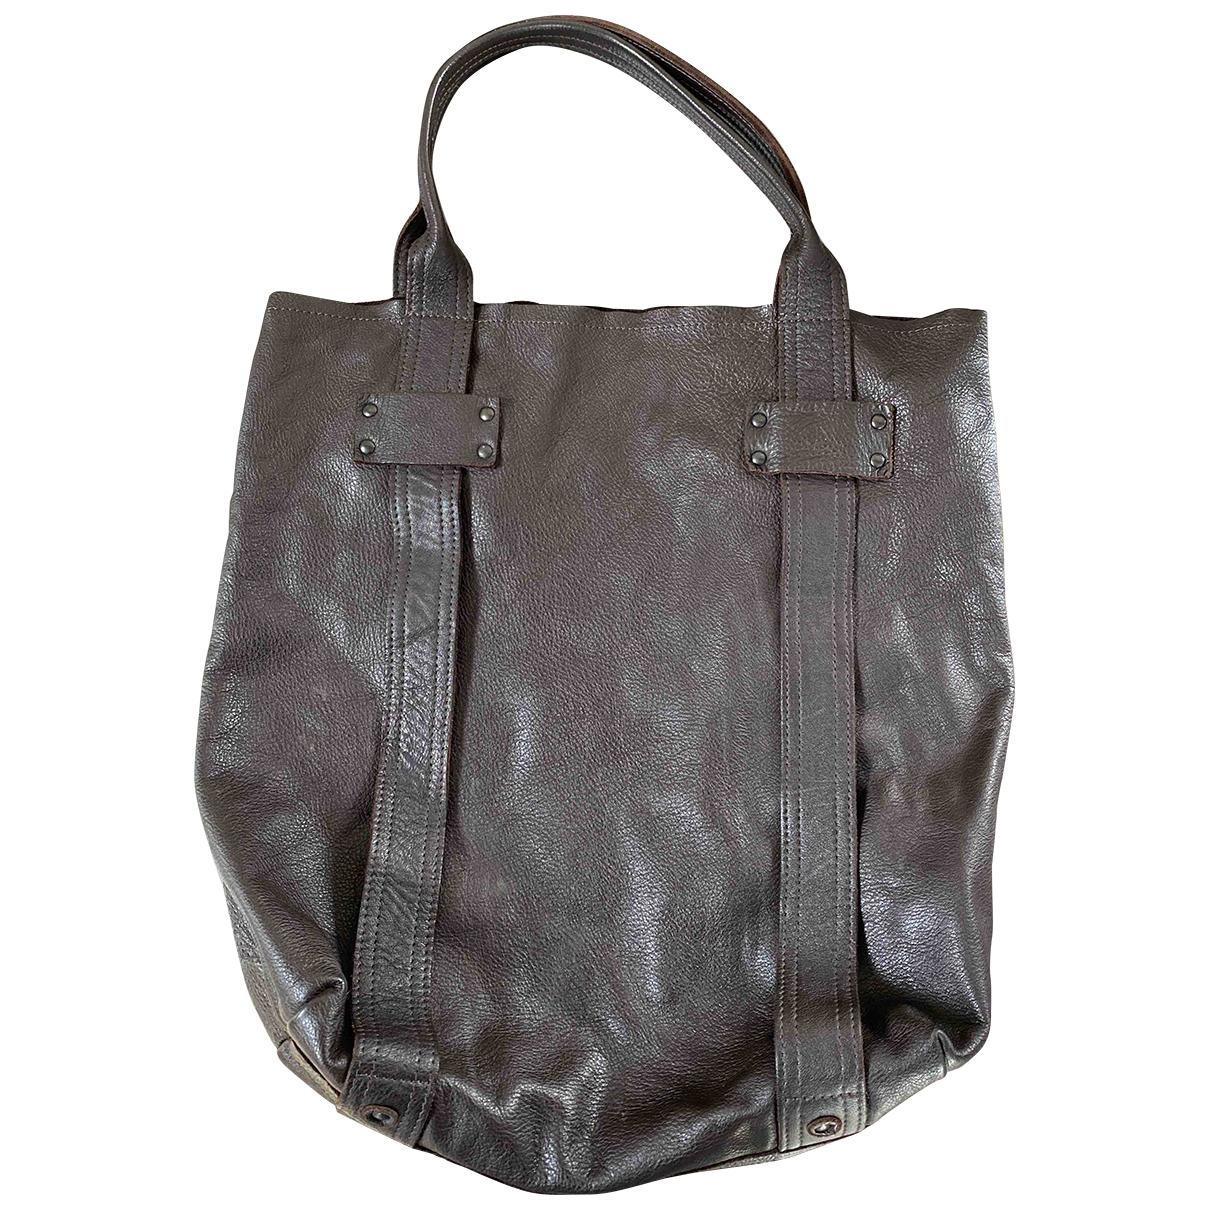 Stephane Verdino \N Brown Leather handbag for Women \N